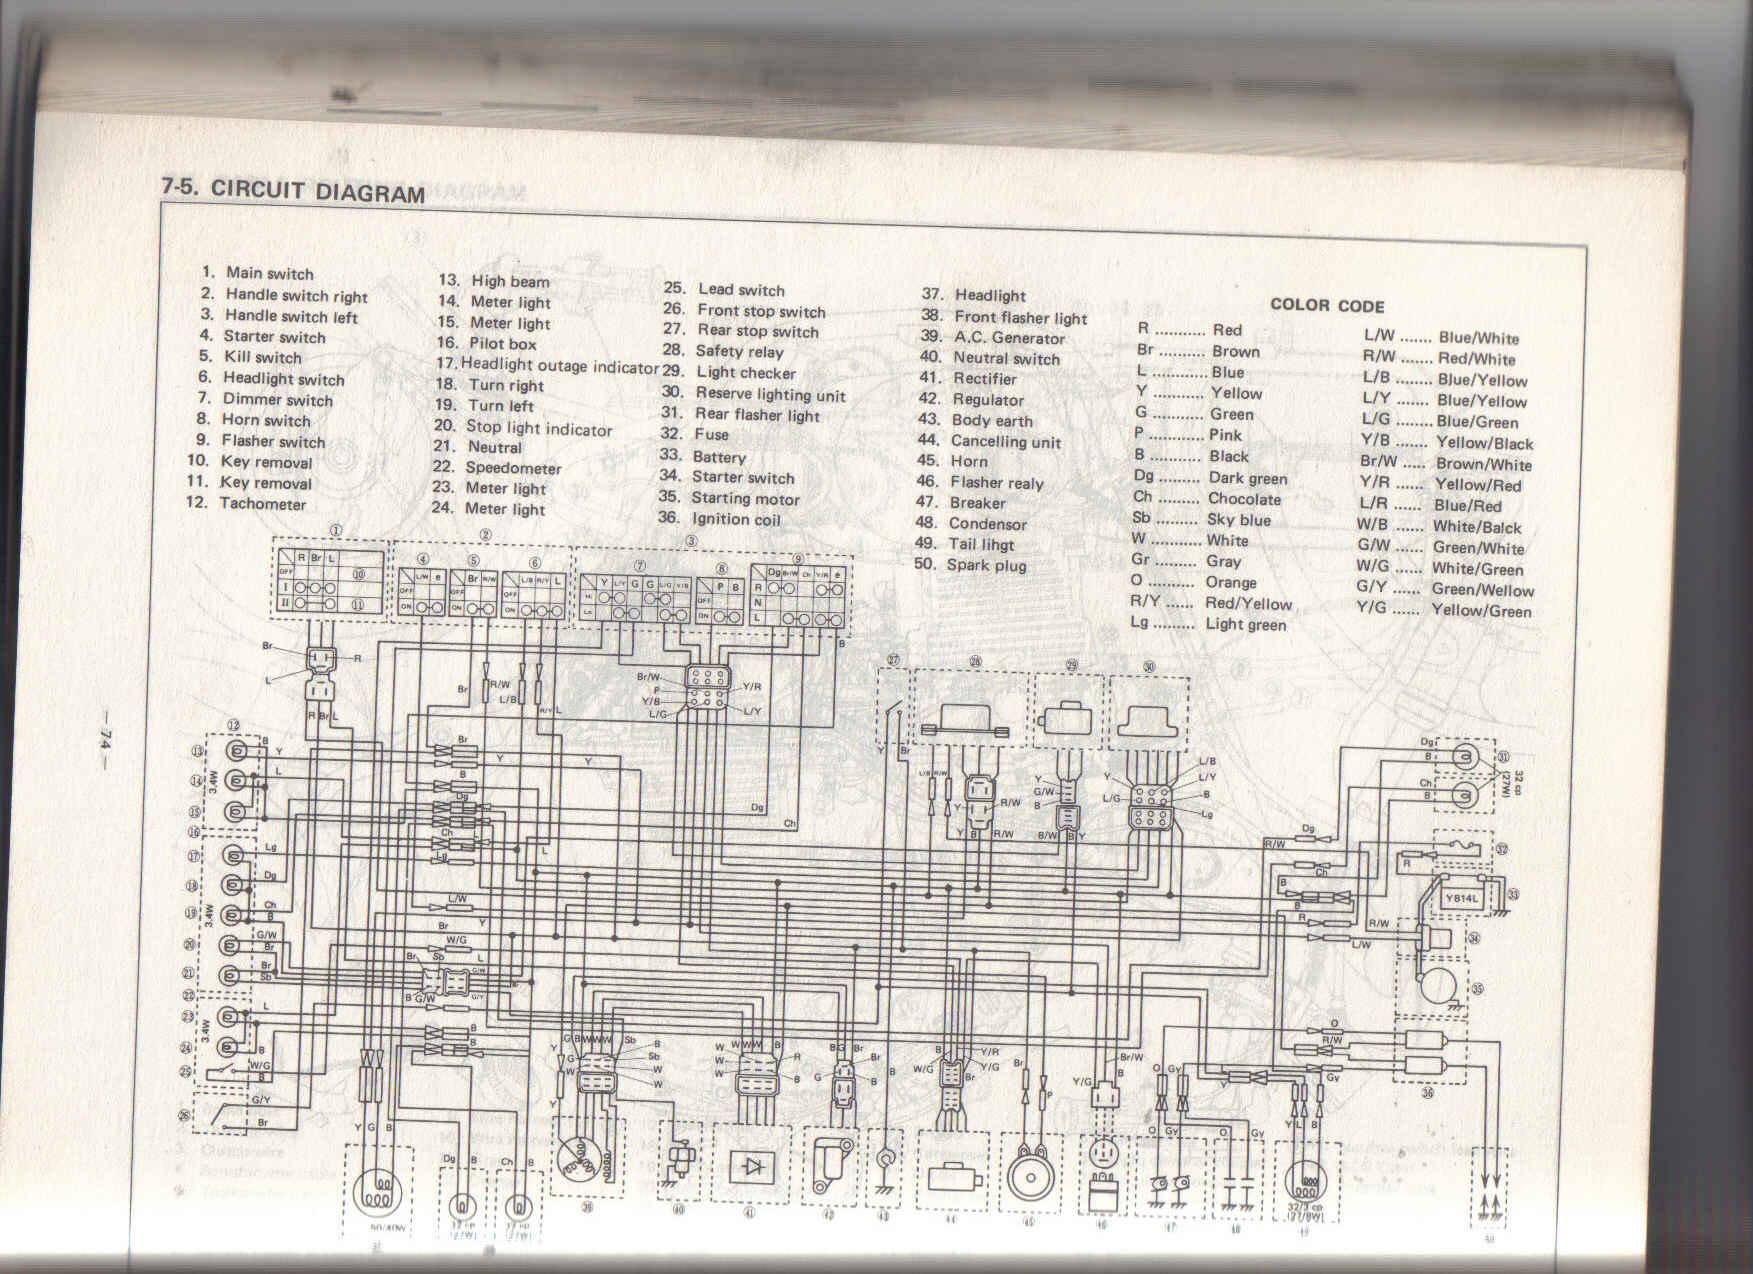 1969 Triumph Tympanium Wiring Diagram Will Be A Thing Thruxton Bsa B25 Carburetor T100 1976 Bonneville